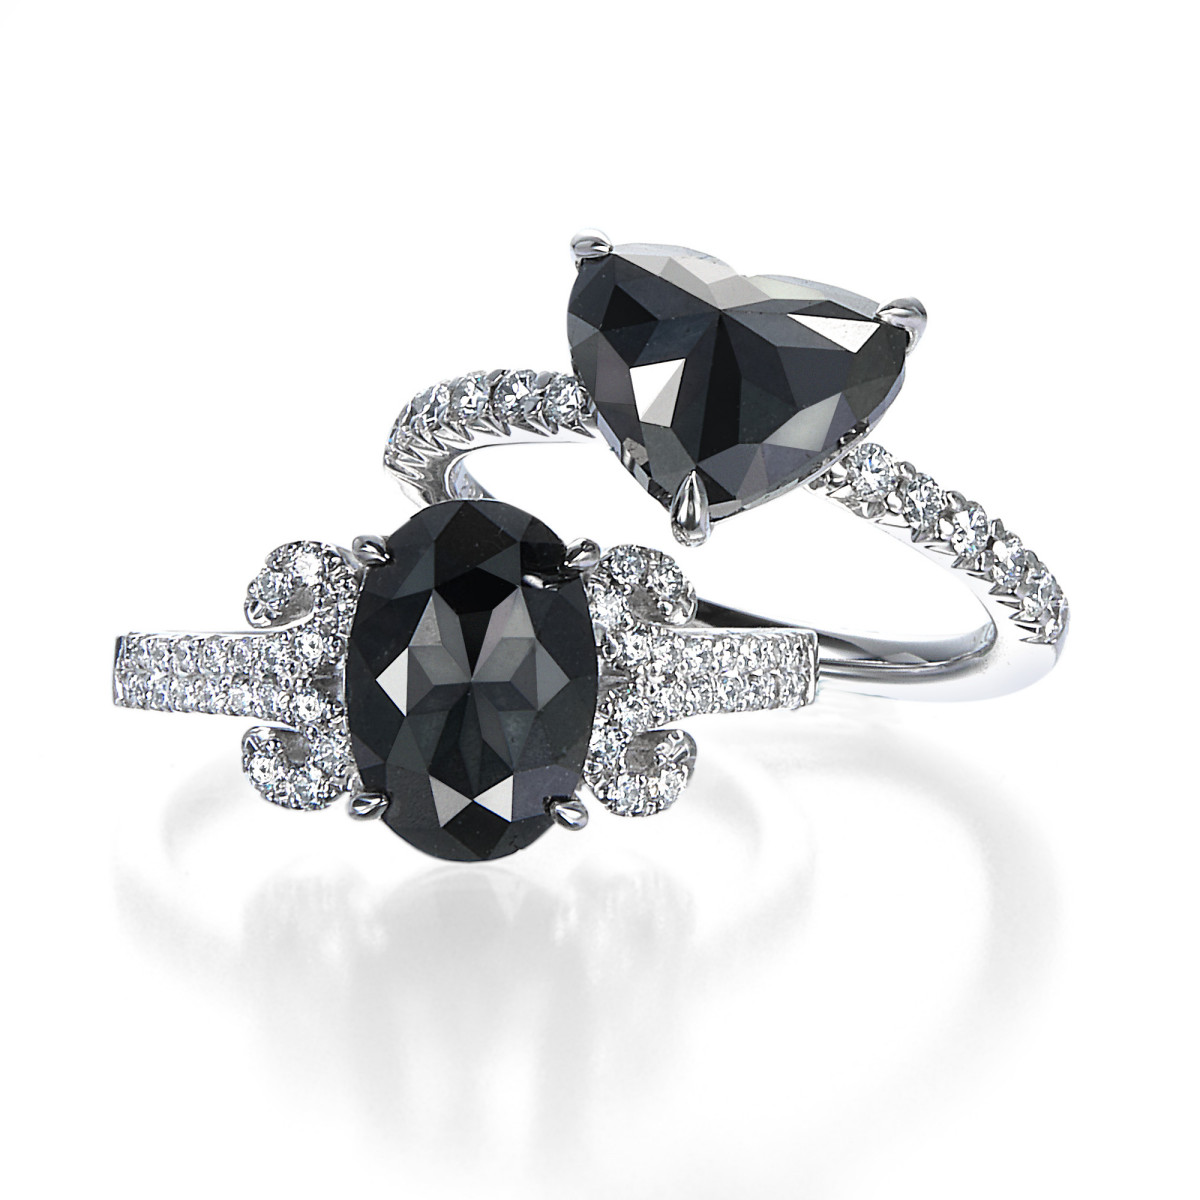 2 Carat Black Rose Cut Diamond Rings | Oval Cut & Heart Shape By Mark Hiroshi Willis